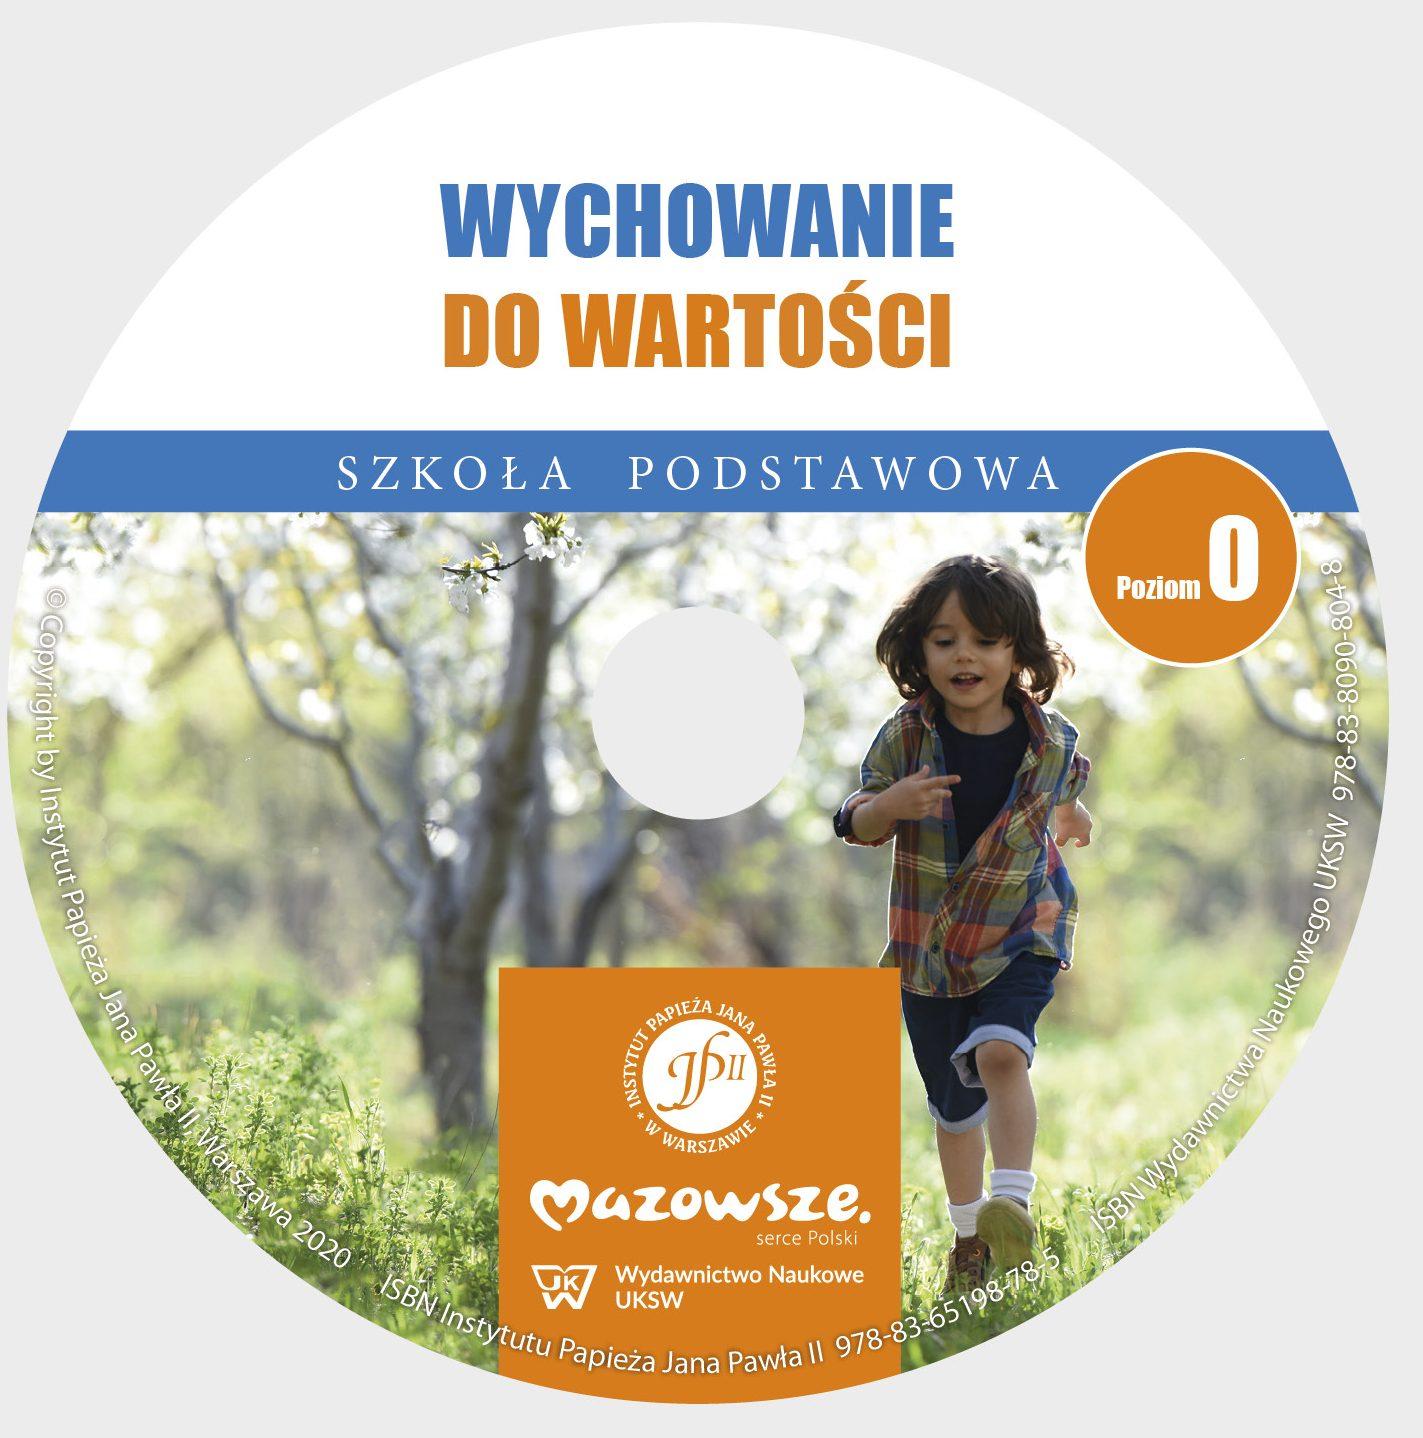 Ks. Zdzisław Struzik, Wychowanie do wartości. Szkoła podstawowa. Poziom 0, CD, Instytut Papieża Jana Pawła II, Warszawa 2020